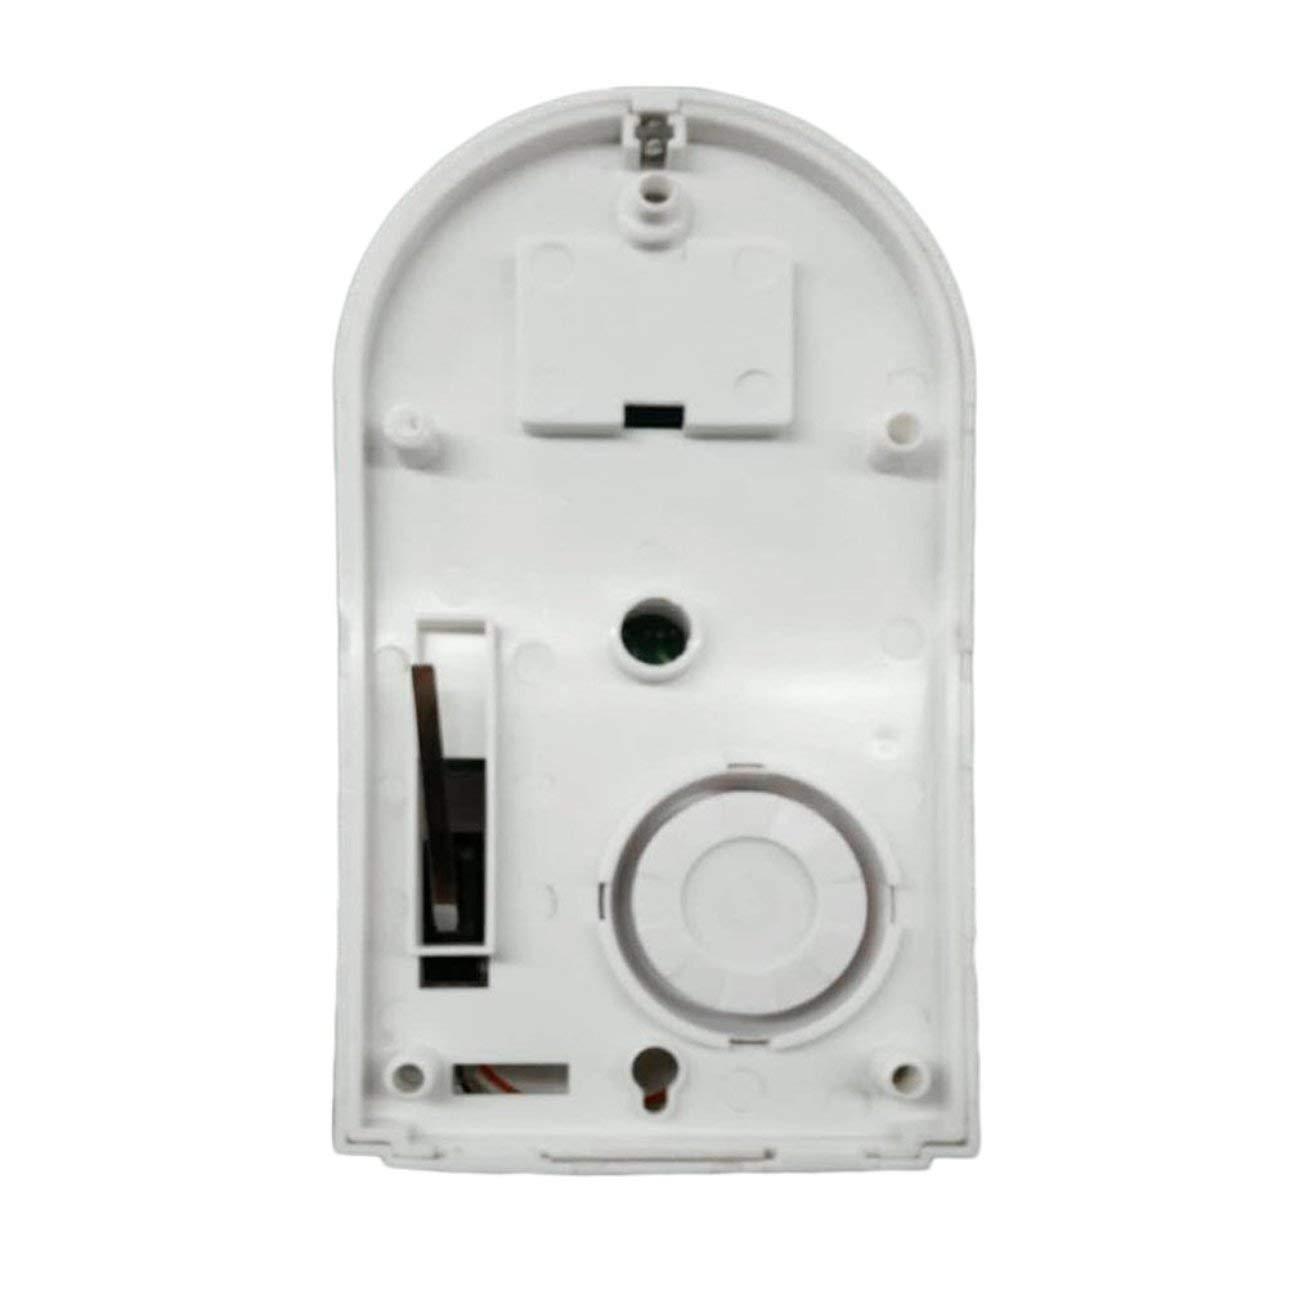 Alarme Ext/érieure Imperm/éable Flash Sir/ène Son Stroboscope Flash Alarme Sir/ène pour WiFi GSM PSTN Syst/ème Dalarme de S/écurit/é Jpstyle